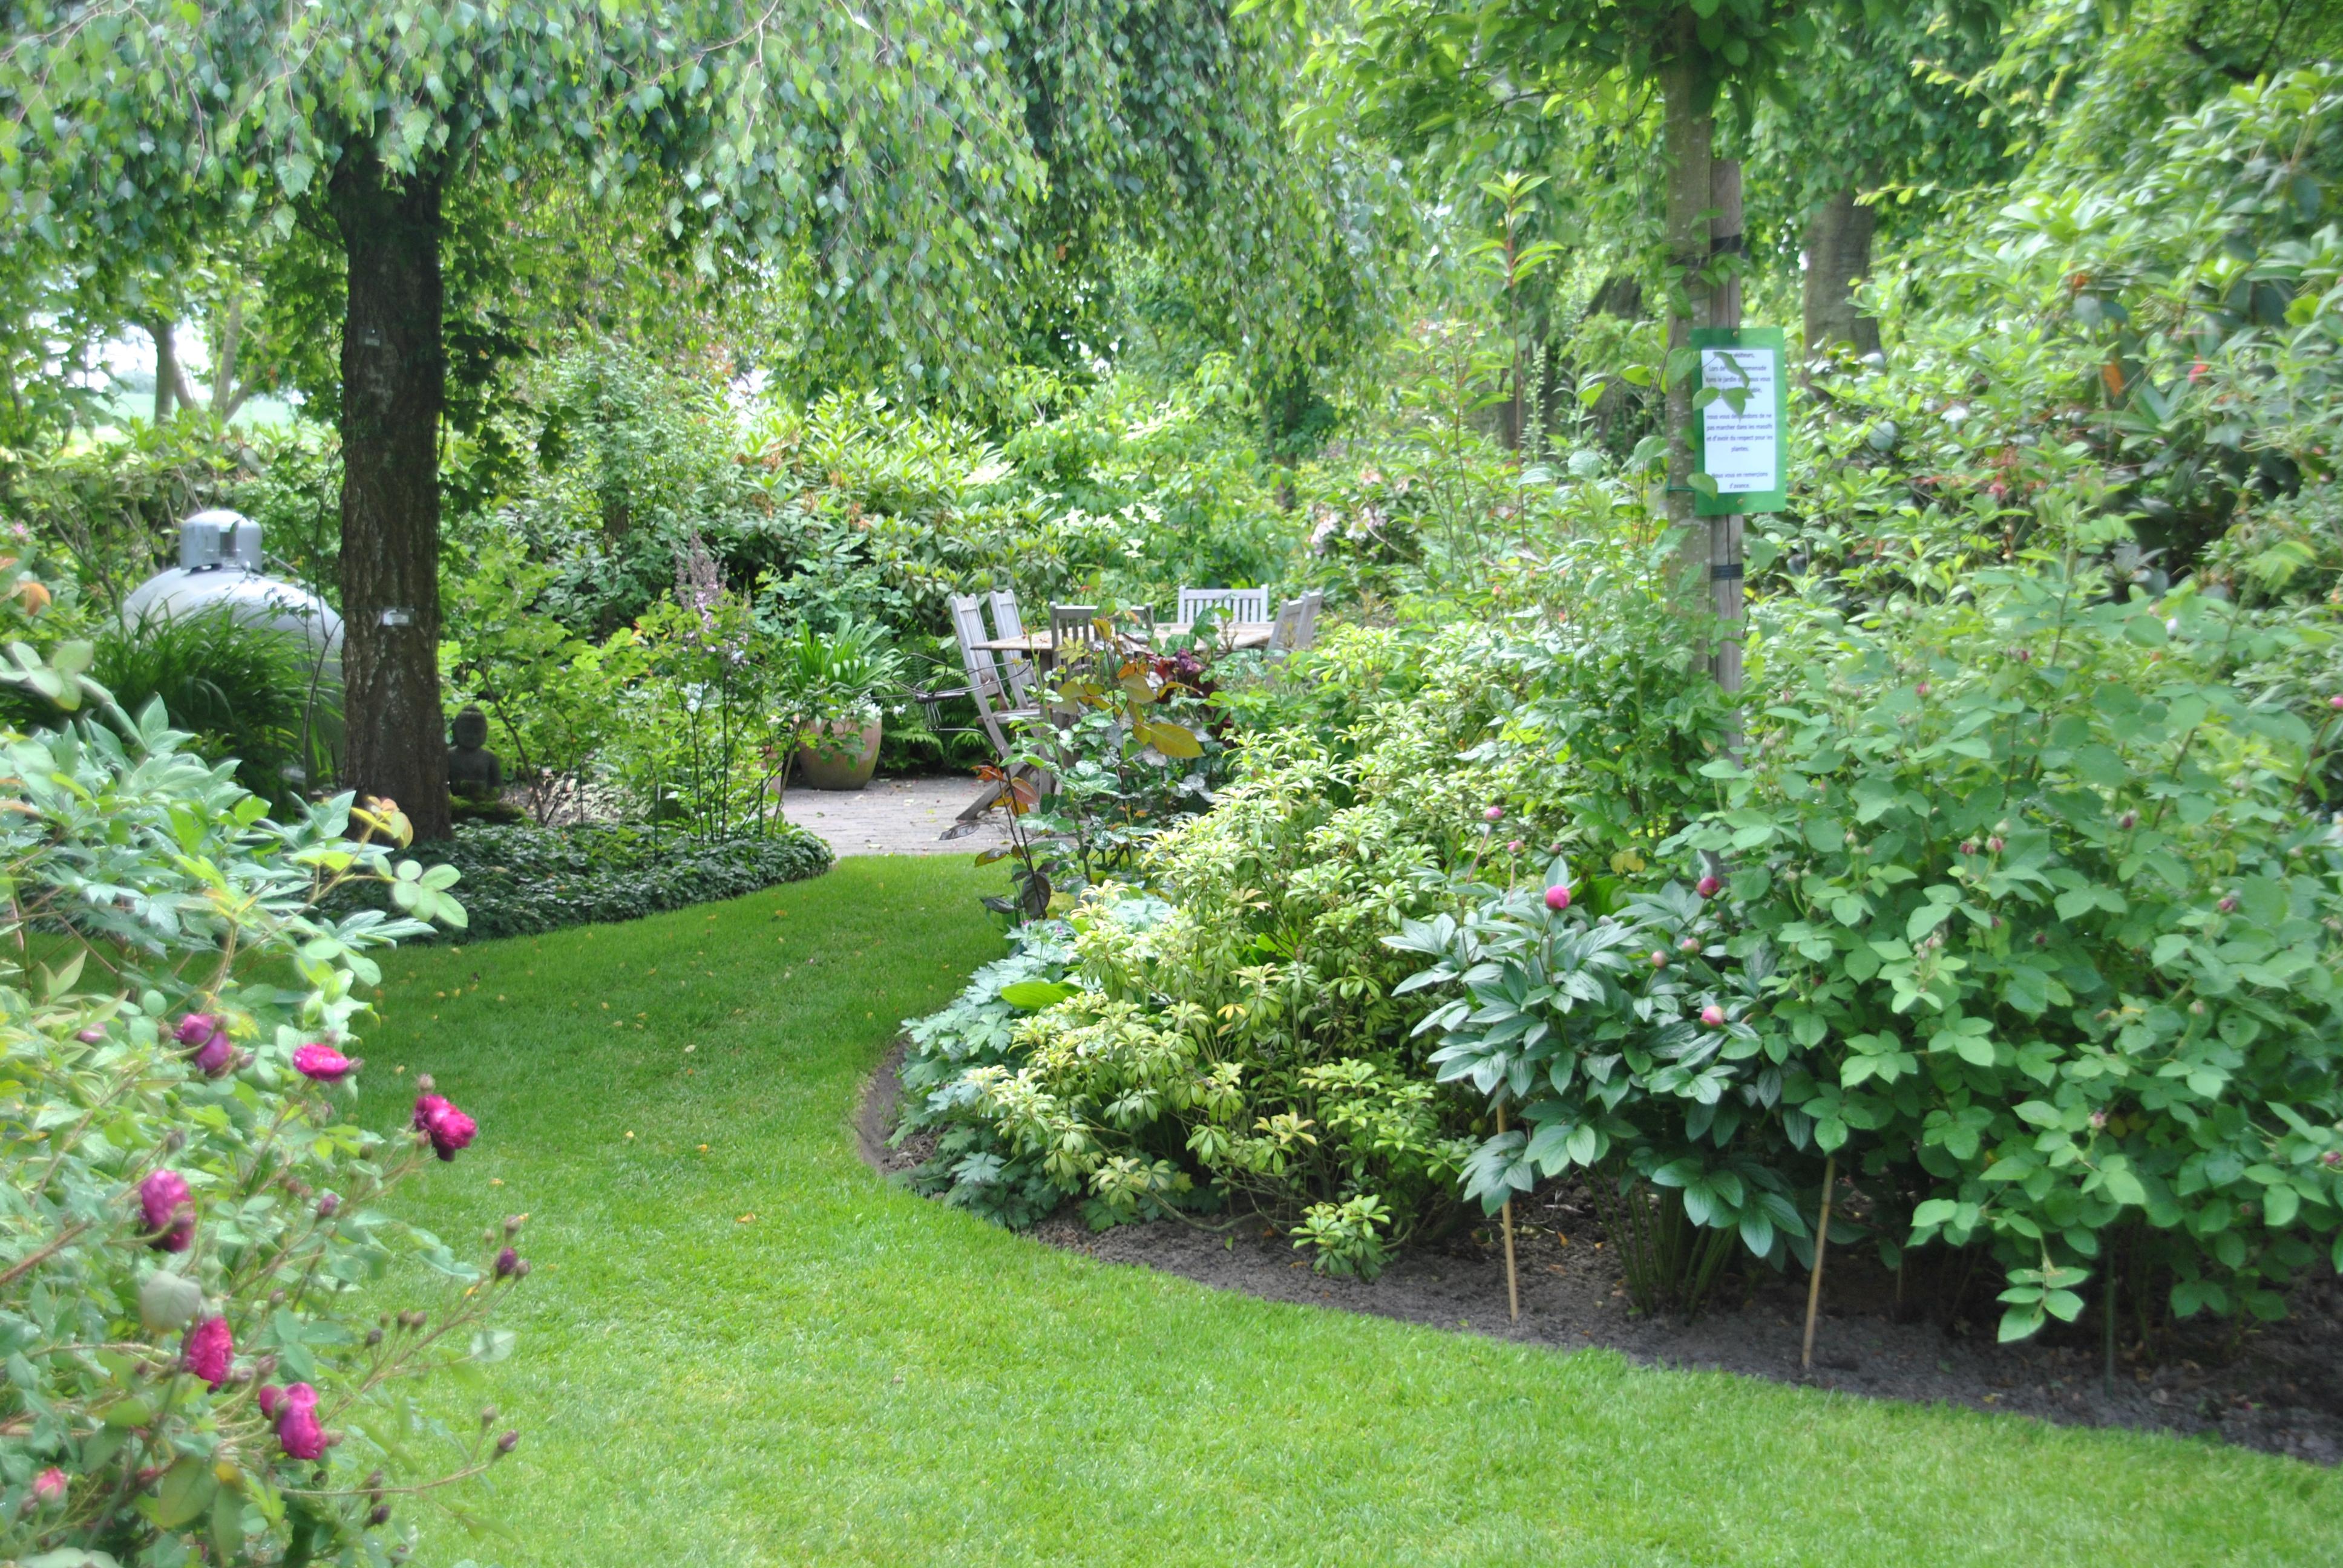 Visite de jardin les aiguillons les jardins de malorie for Visiter les jardins anglais